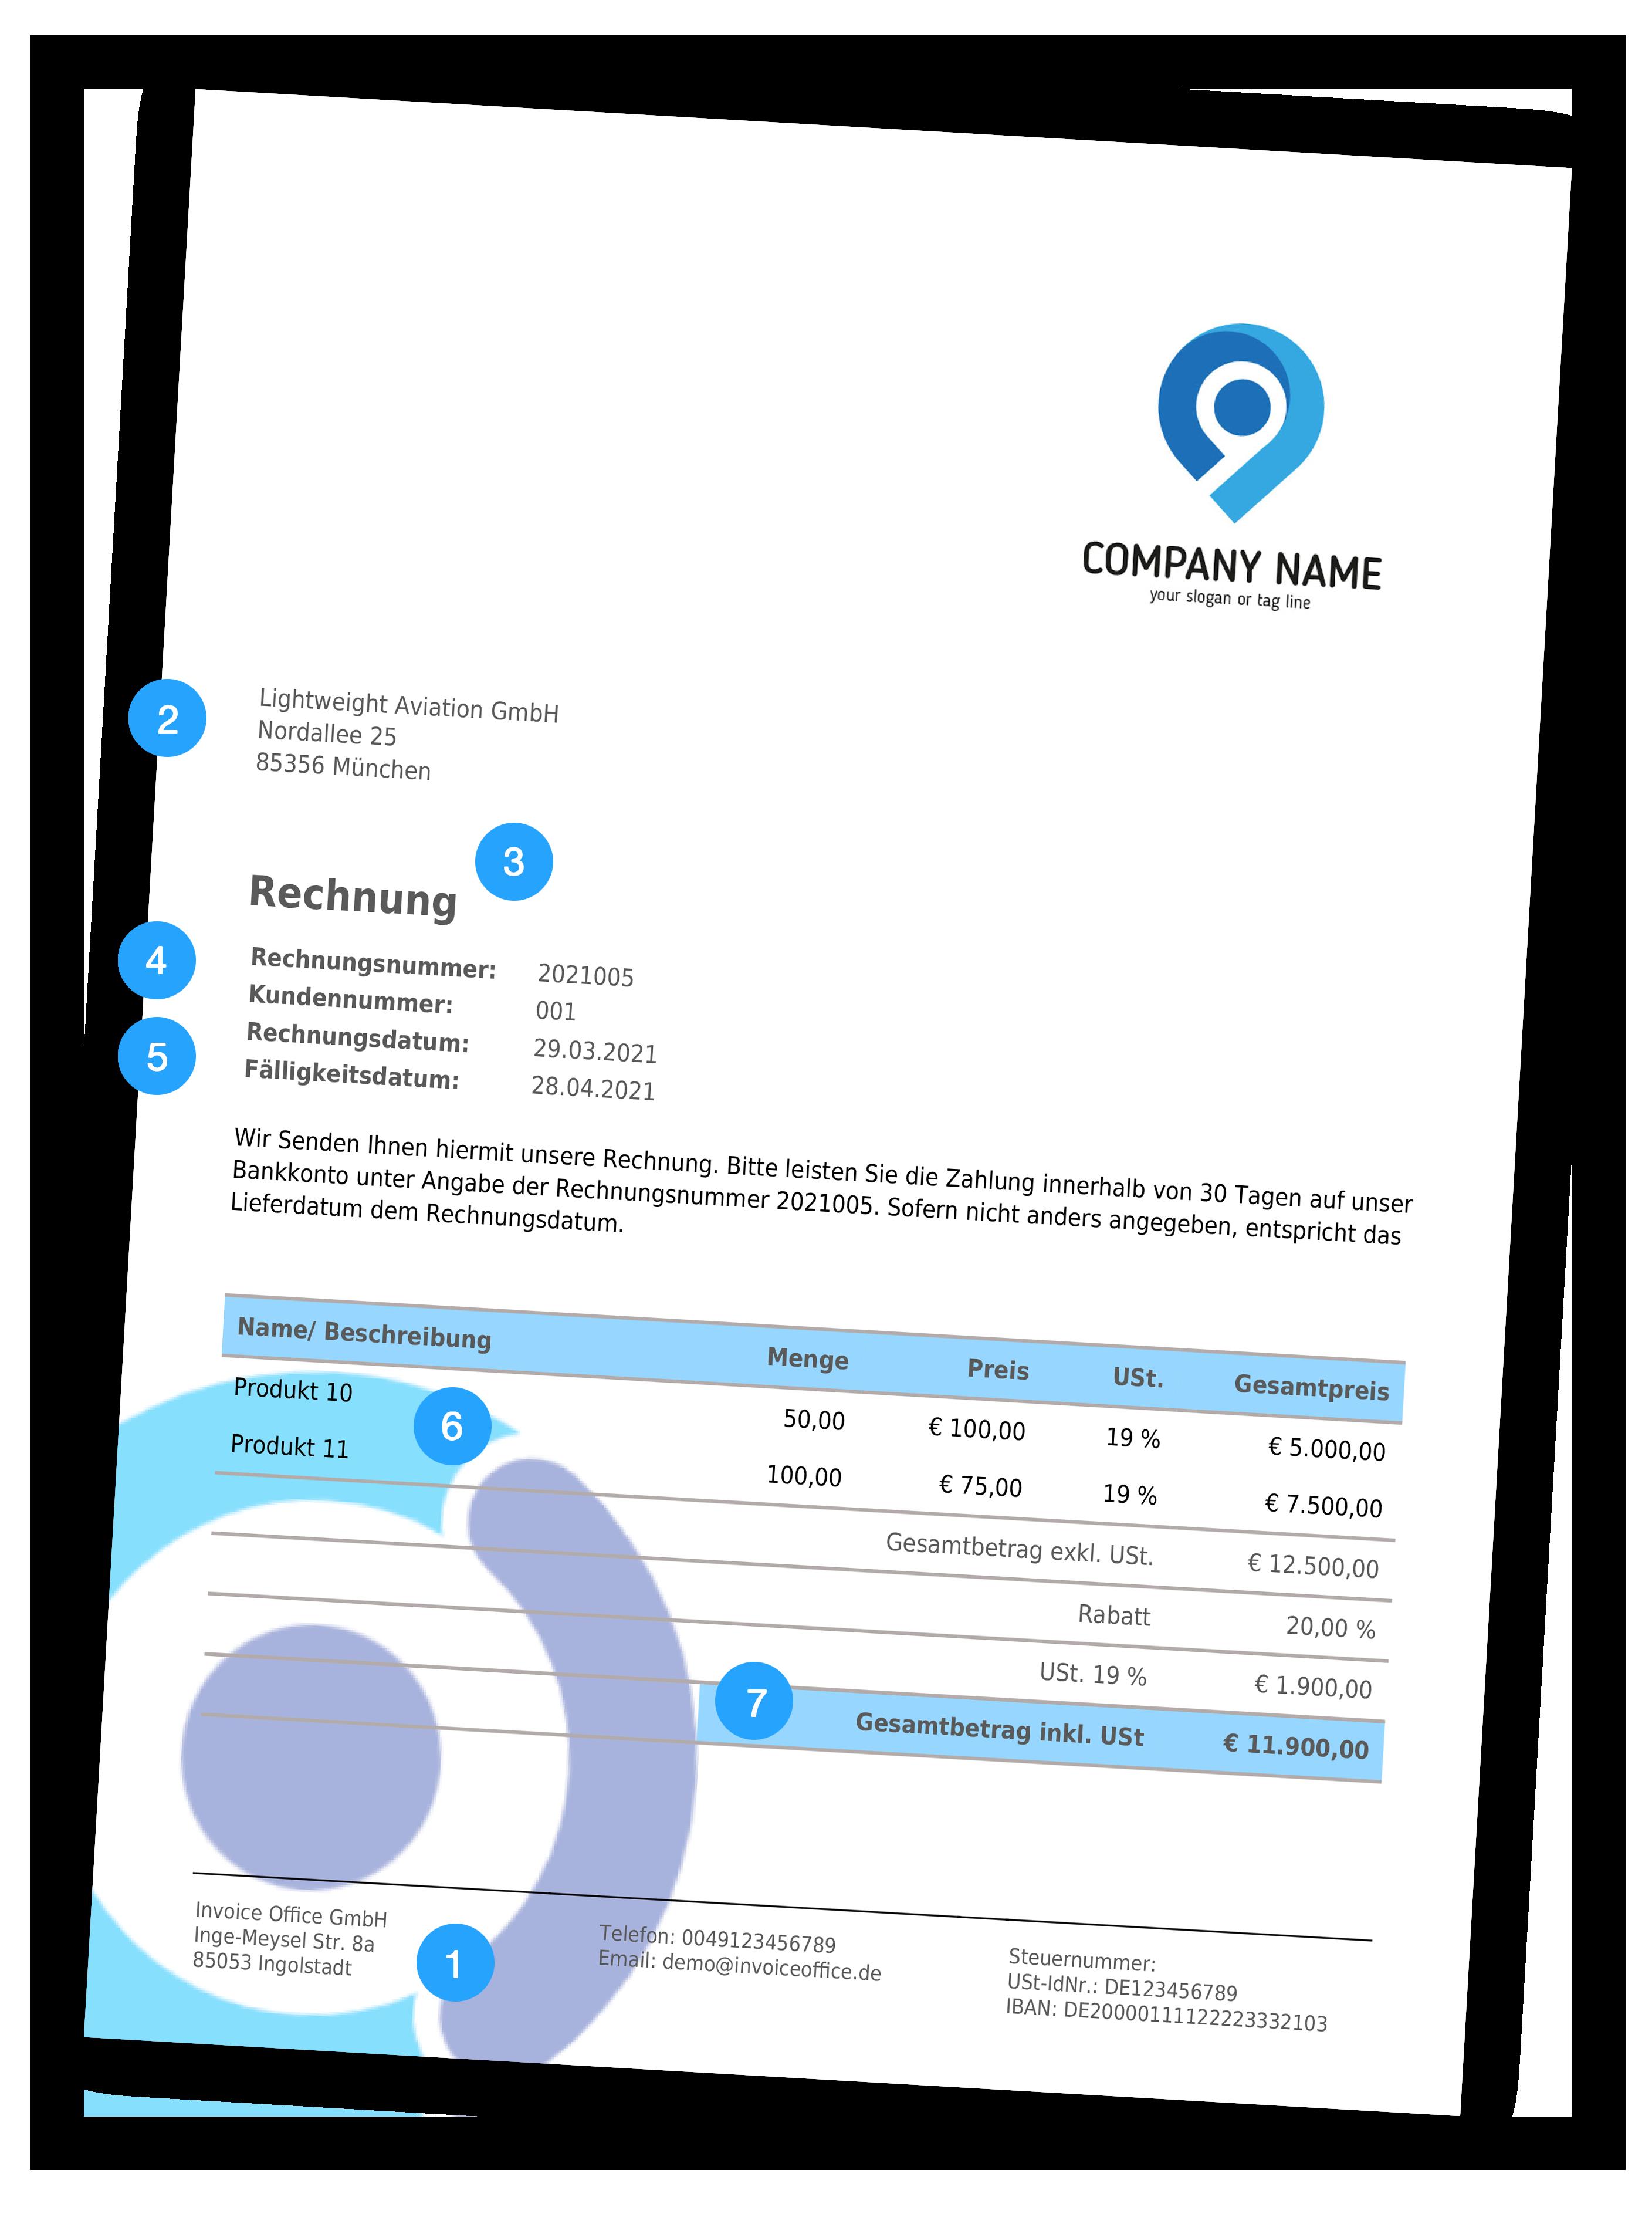 Obligatorische Rechnungsinformationen